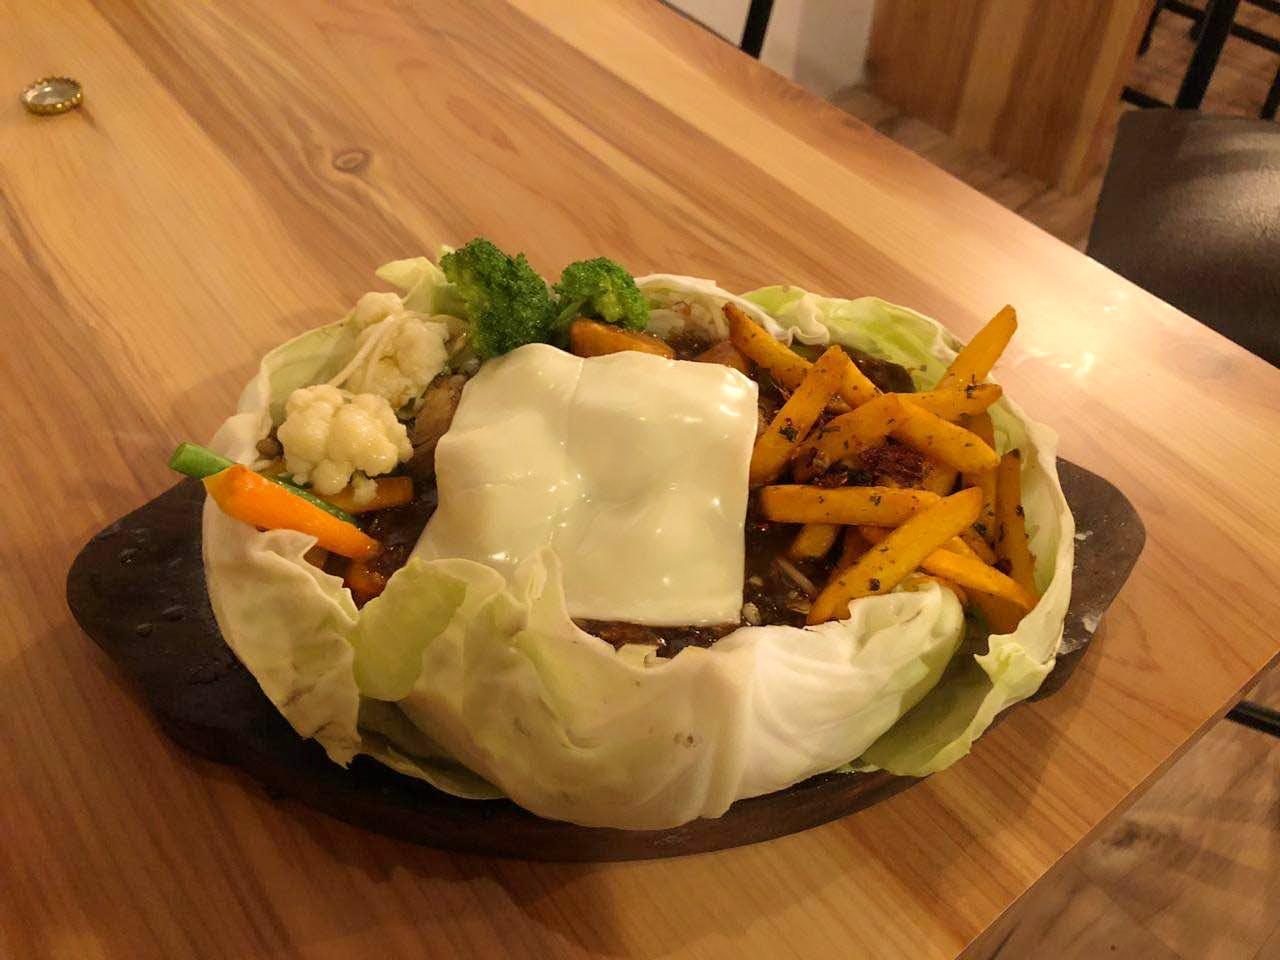 Food,Dish,Cuisine,Ingredient,Cruciferous vegetables,Comfort food,Vegetarian food,Produce,Vegetable,Vegan nutrition